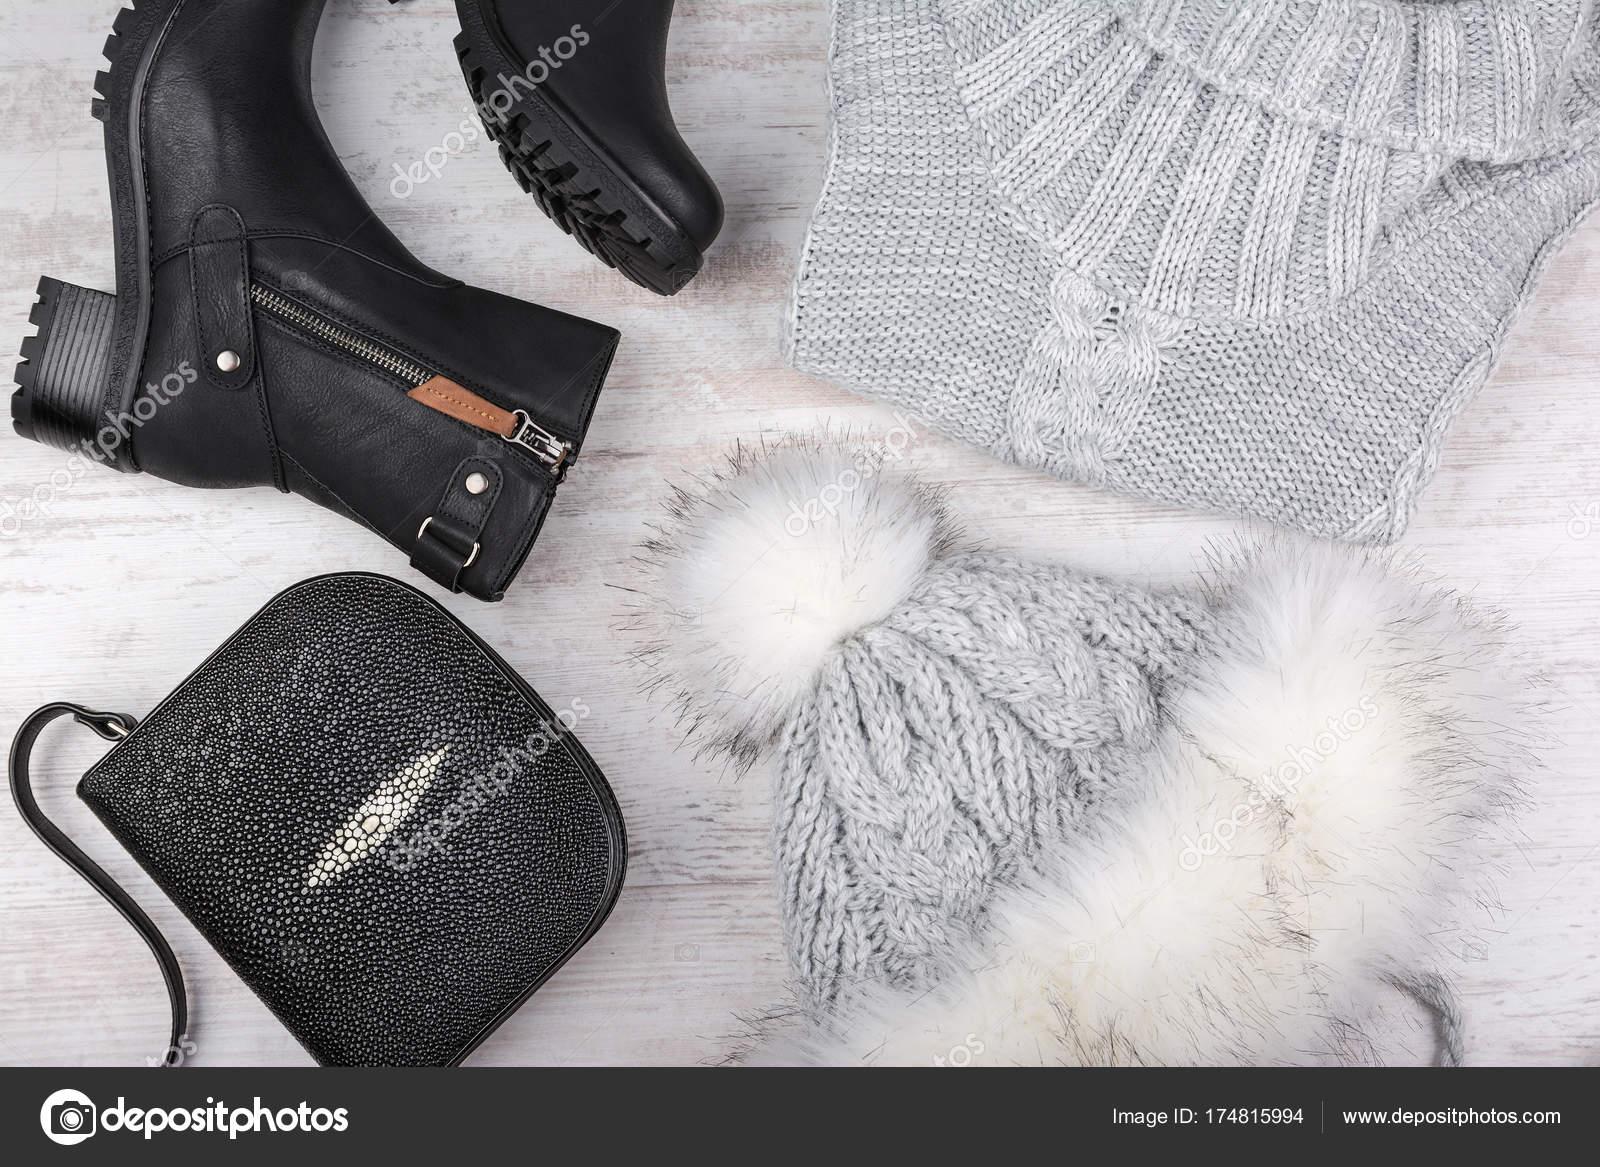 Sada zimní módní dámské oblečení. Vlněný svetr 0cf01d2236e